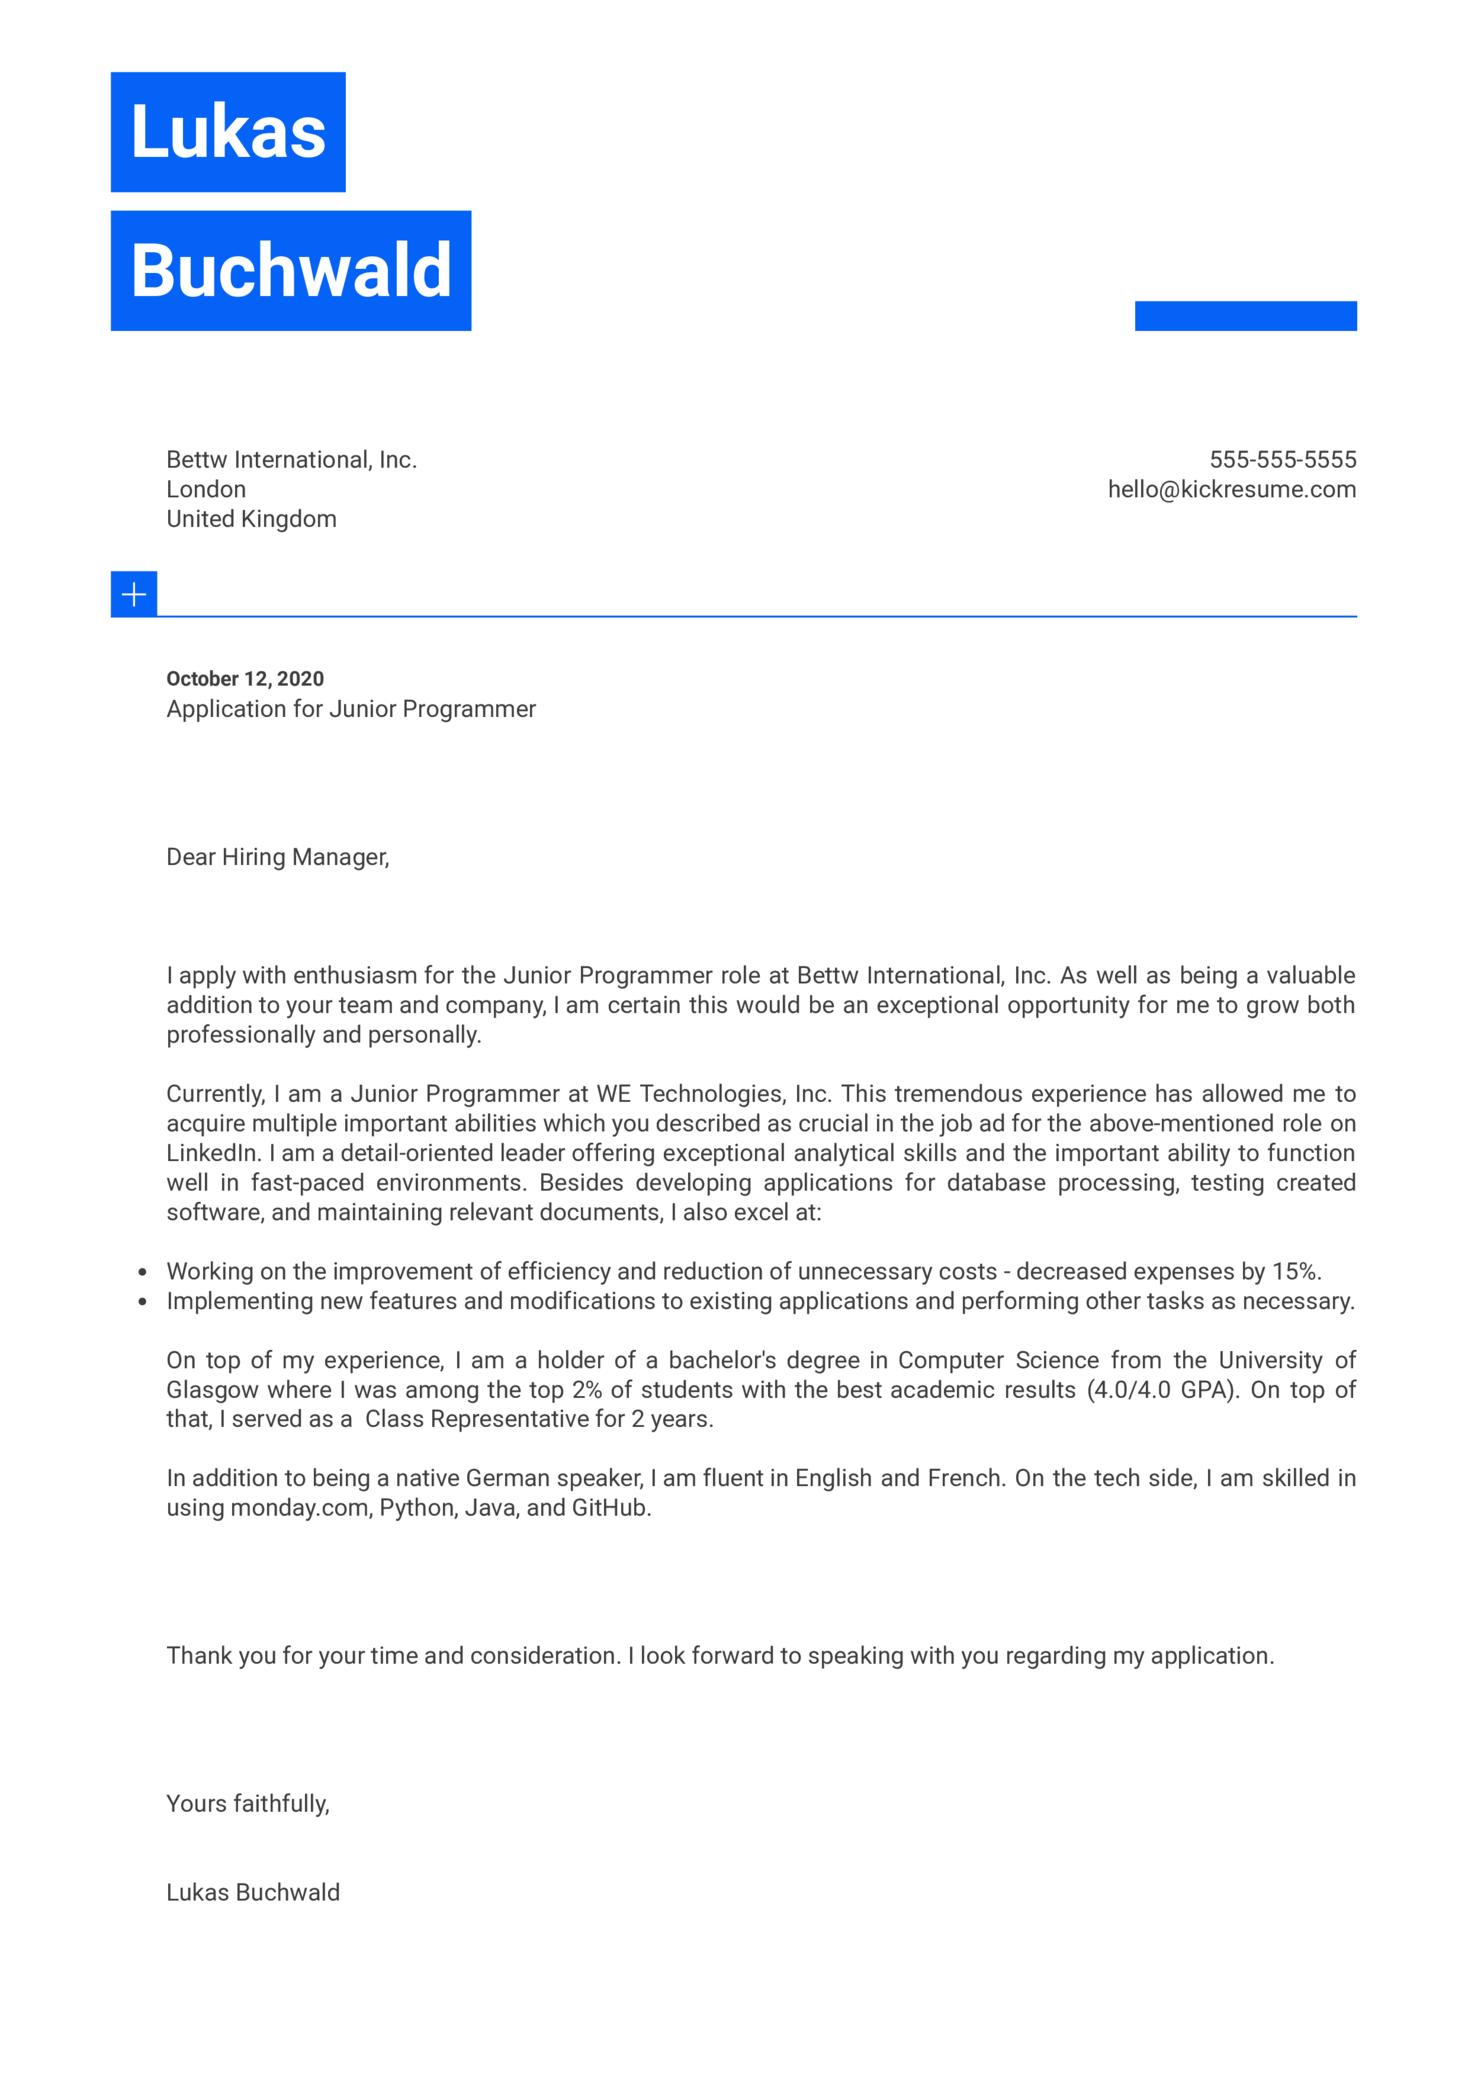 Junior Programmer Cover Letter Example